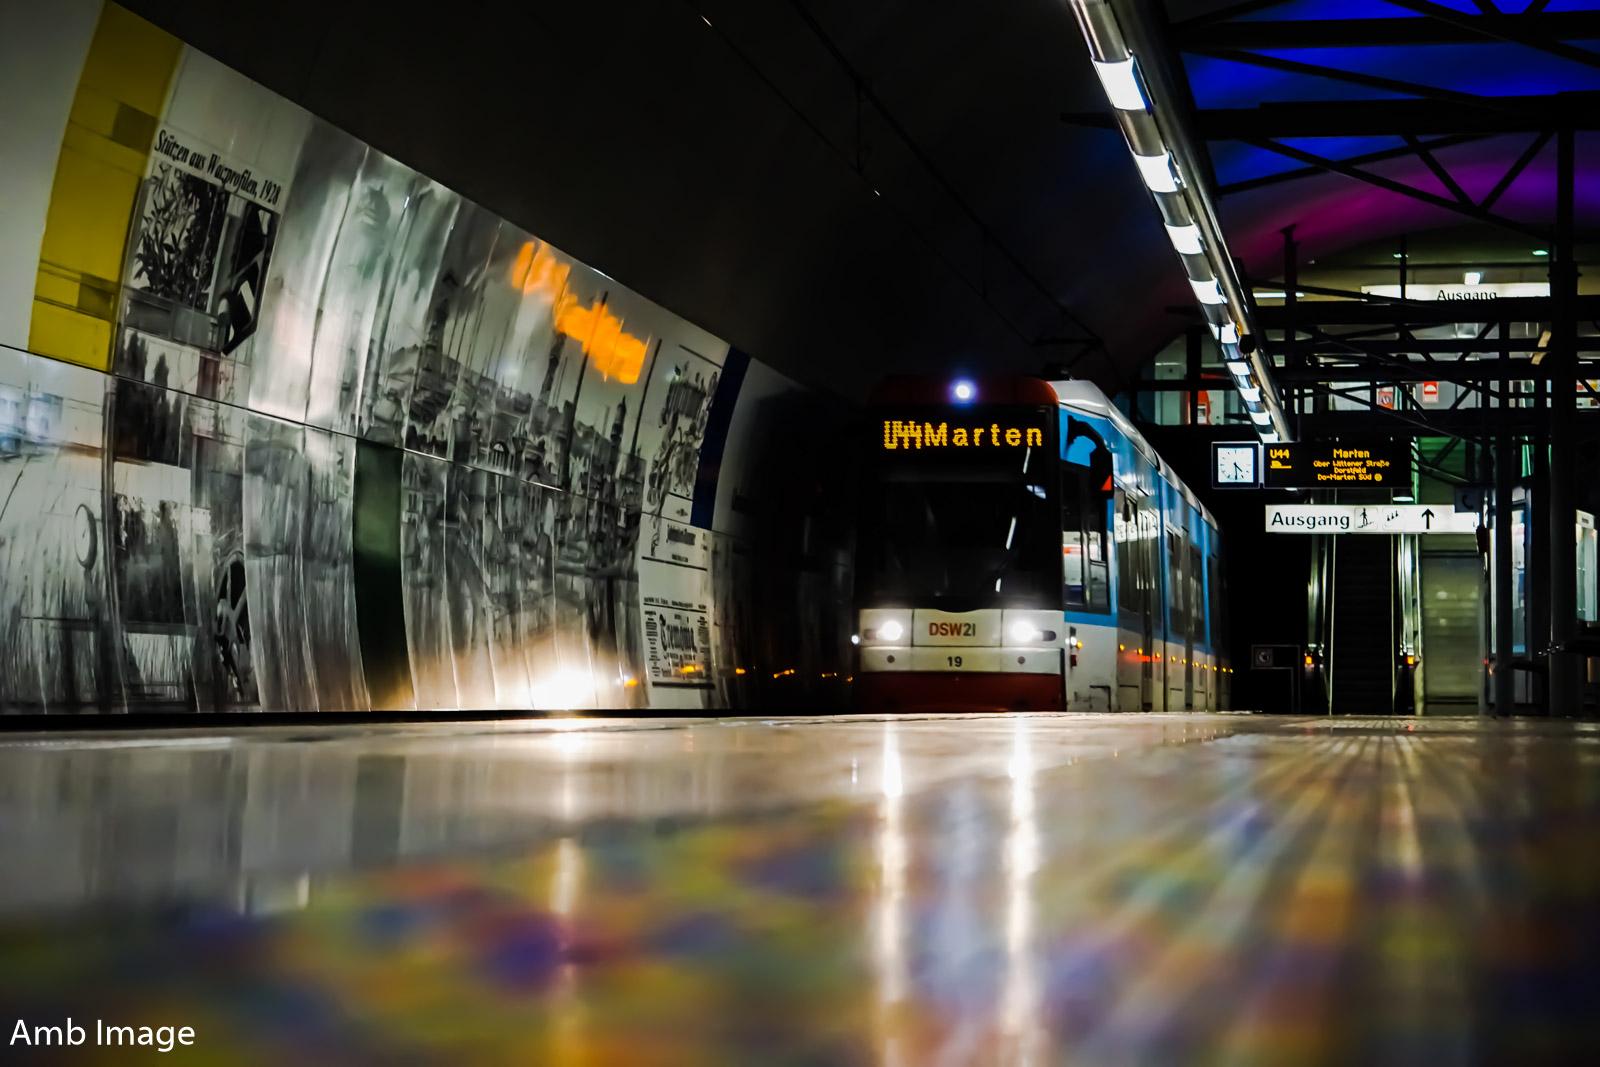 U-Bahn Dortmund